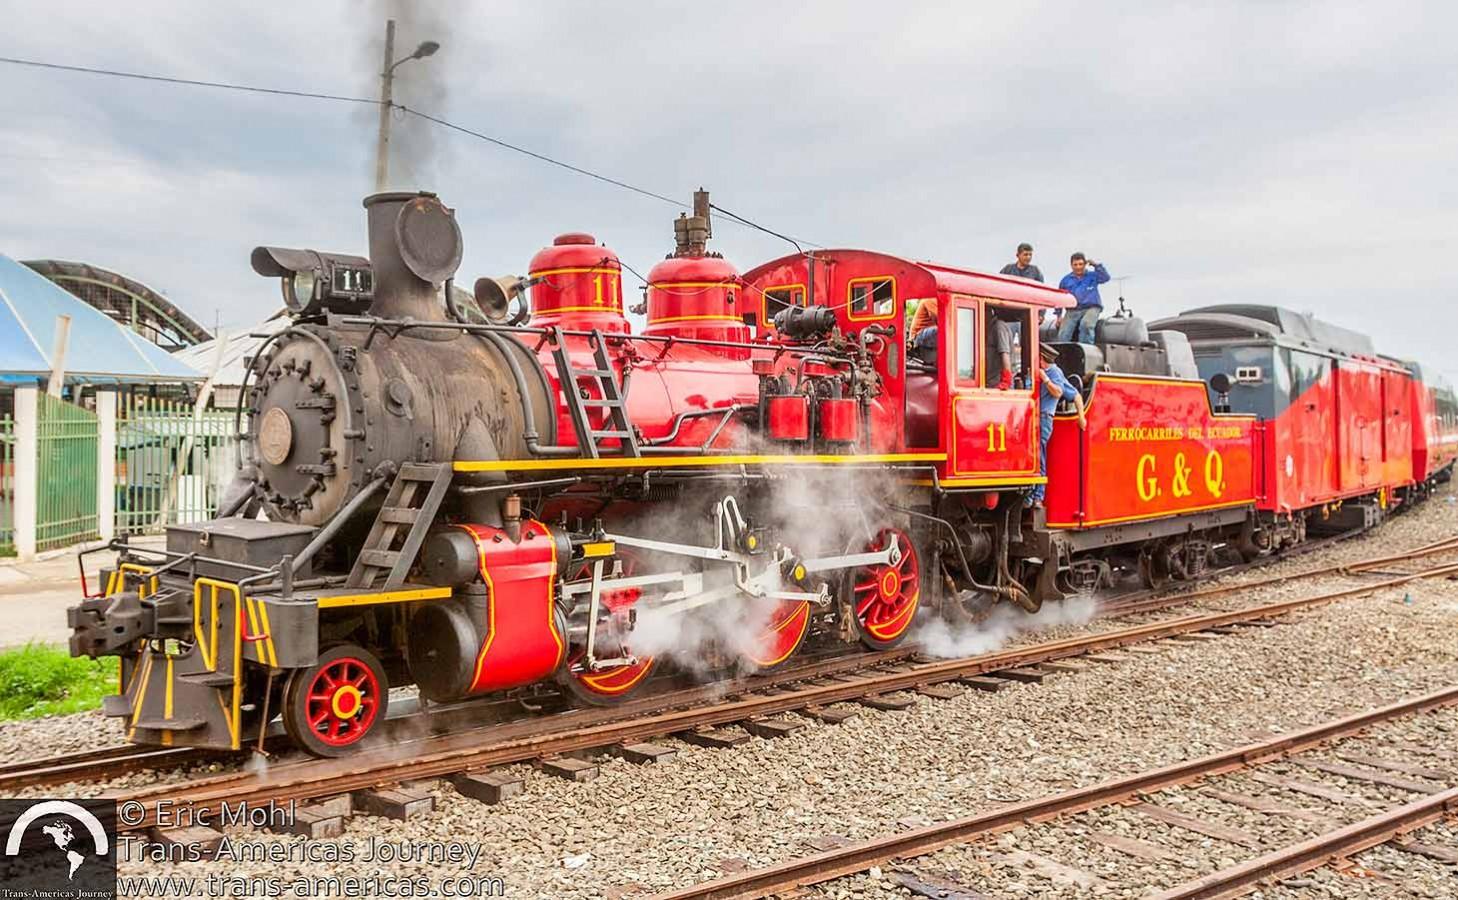 steam-locomotive-tren-ecuador@2x